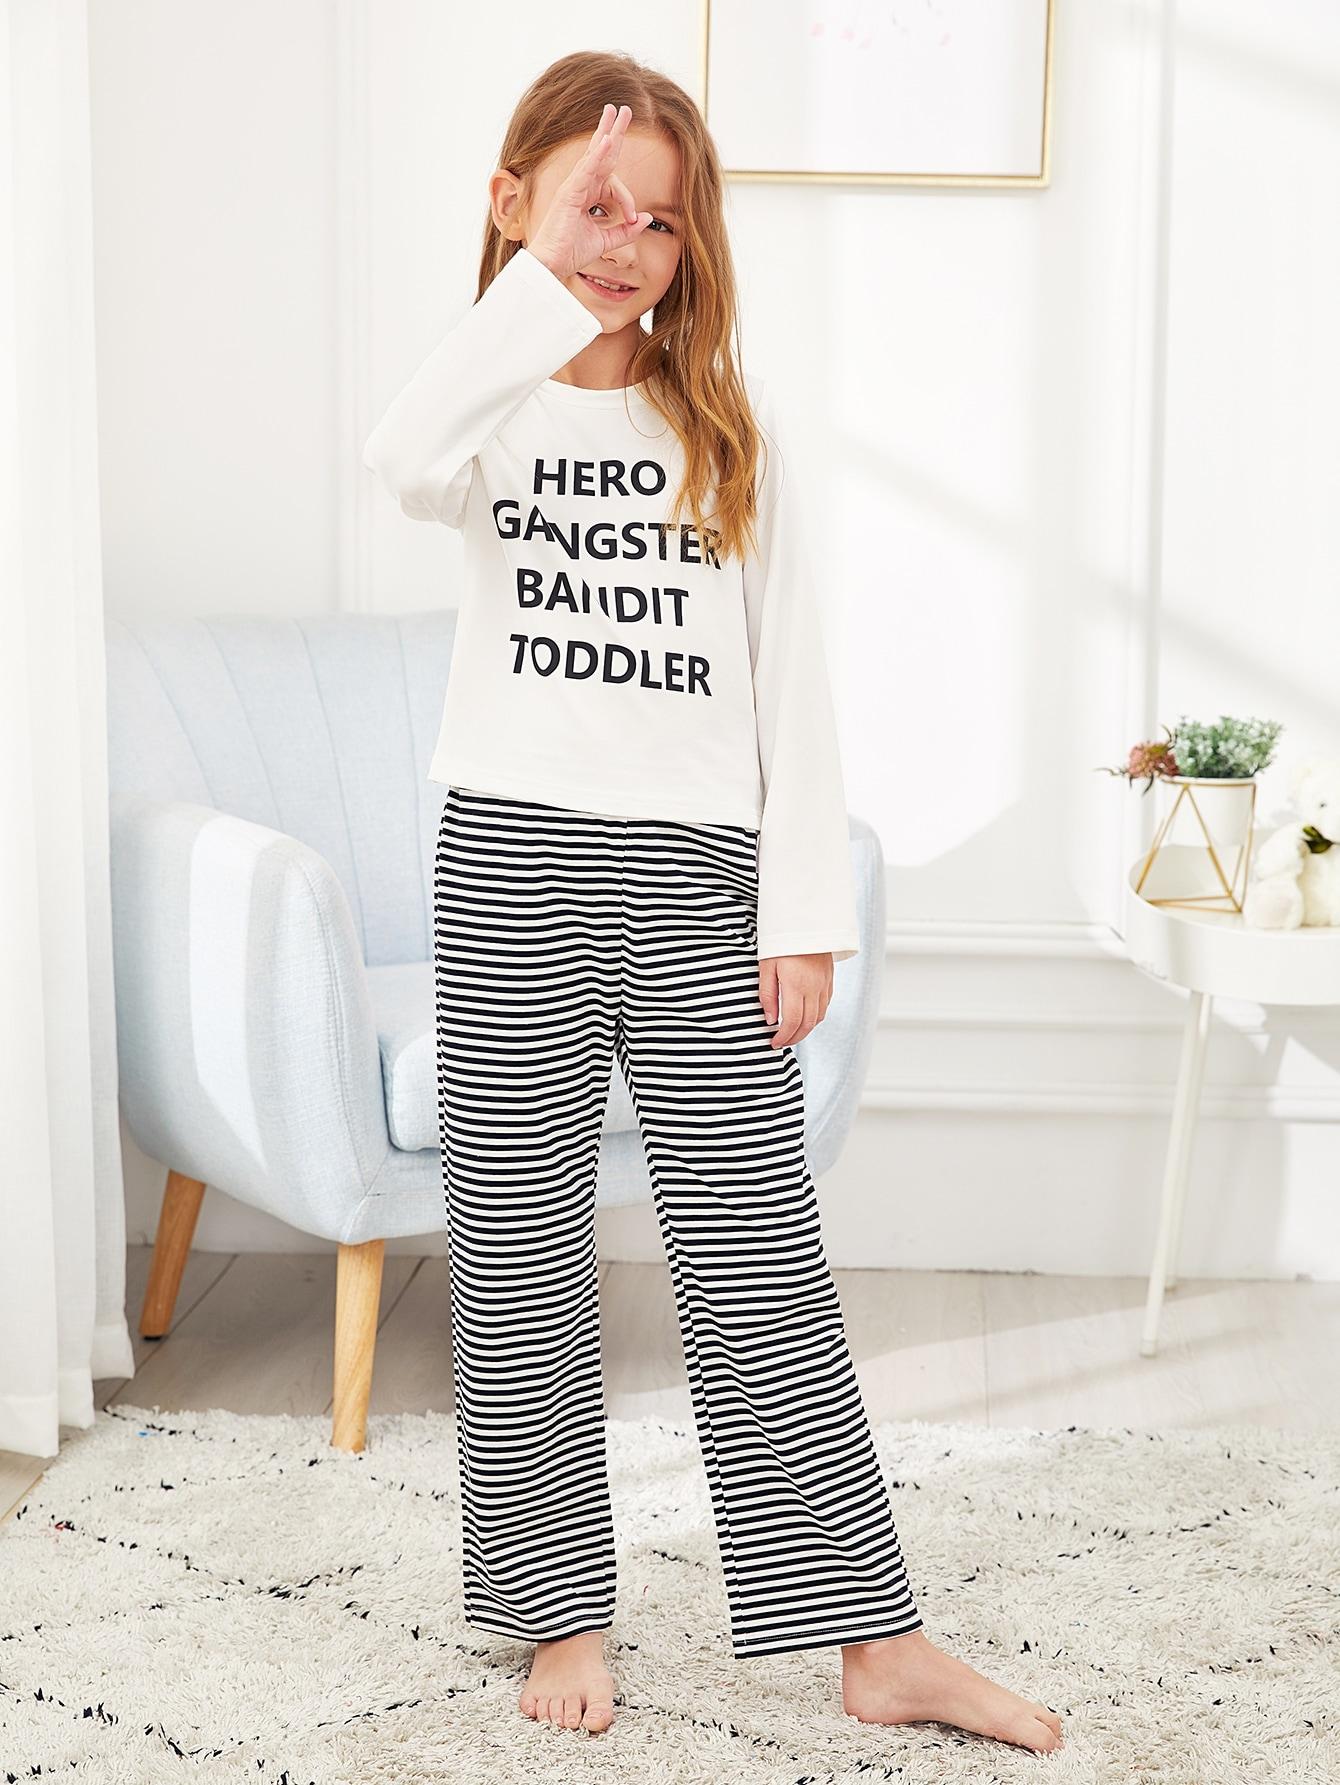 Пижамный комплект футболка с текстовым принтом и брюки в полоску для девочек от SheIn